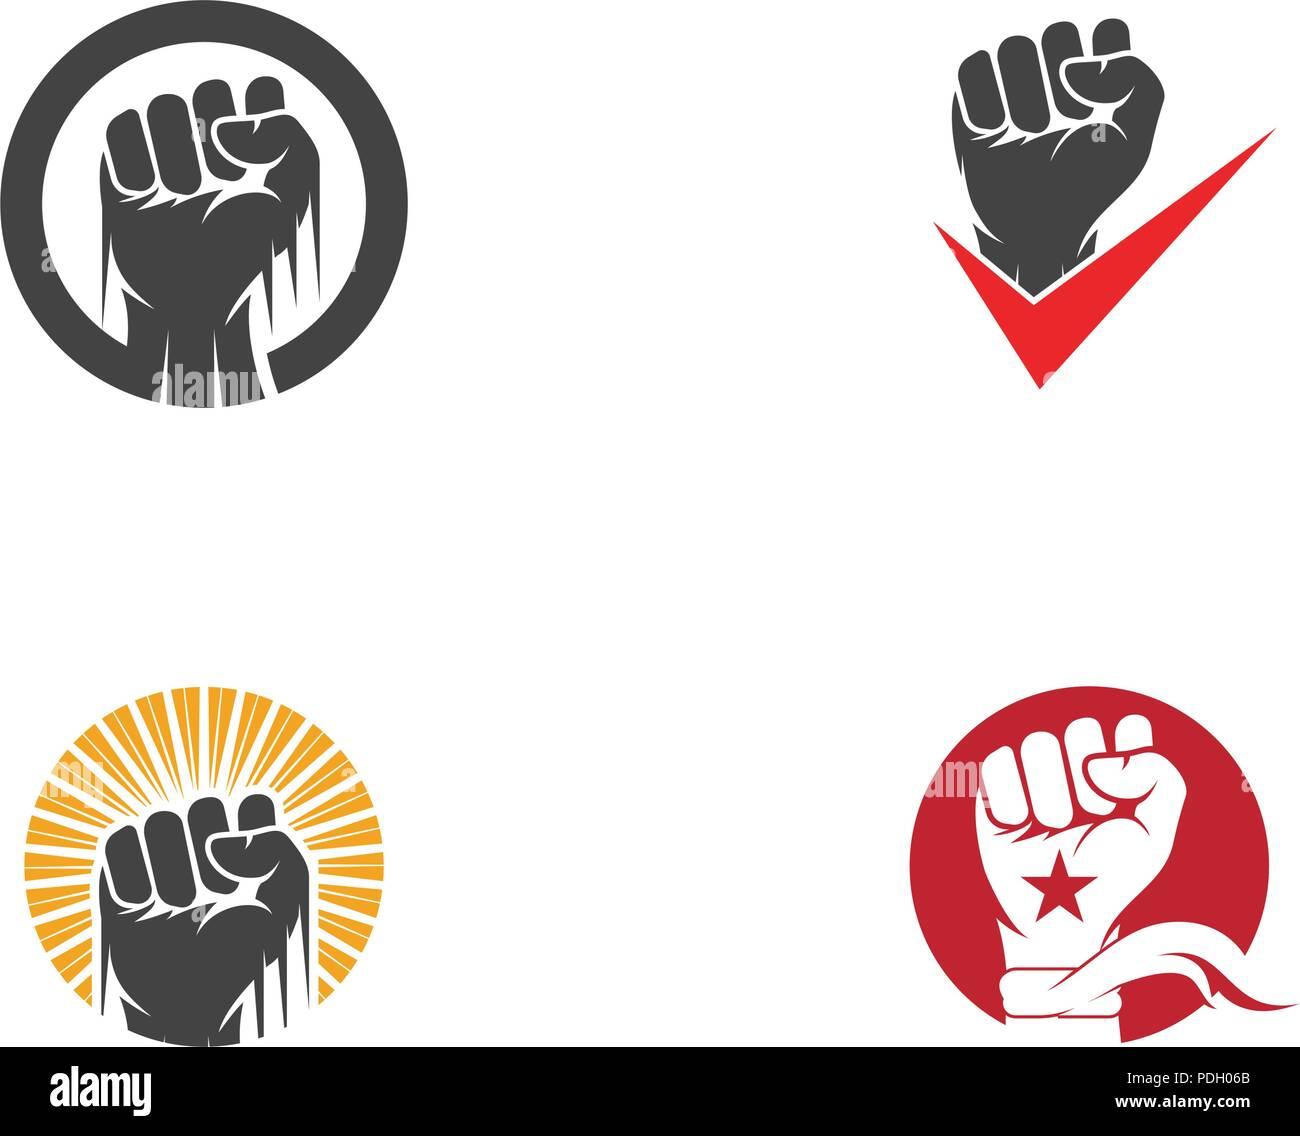 Mano fuerte icono vectorial ilustración logo plantilla Imagen De Stock